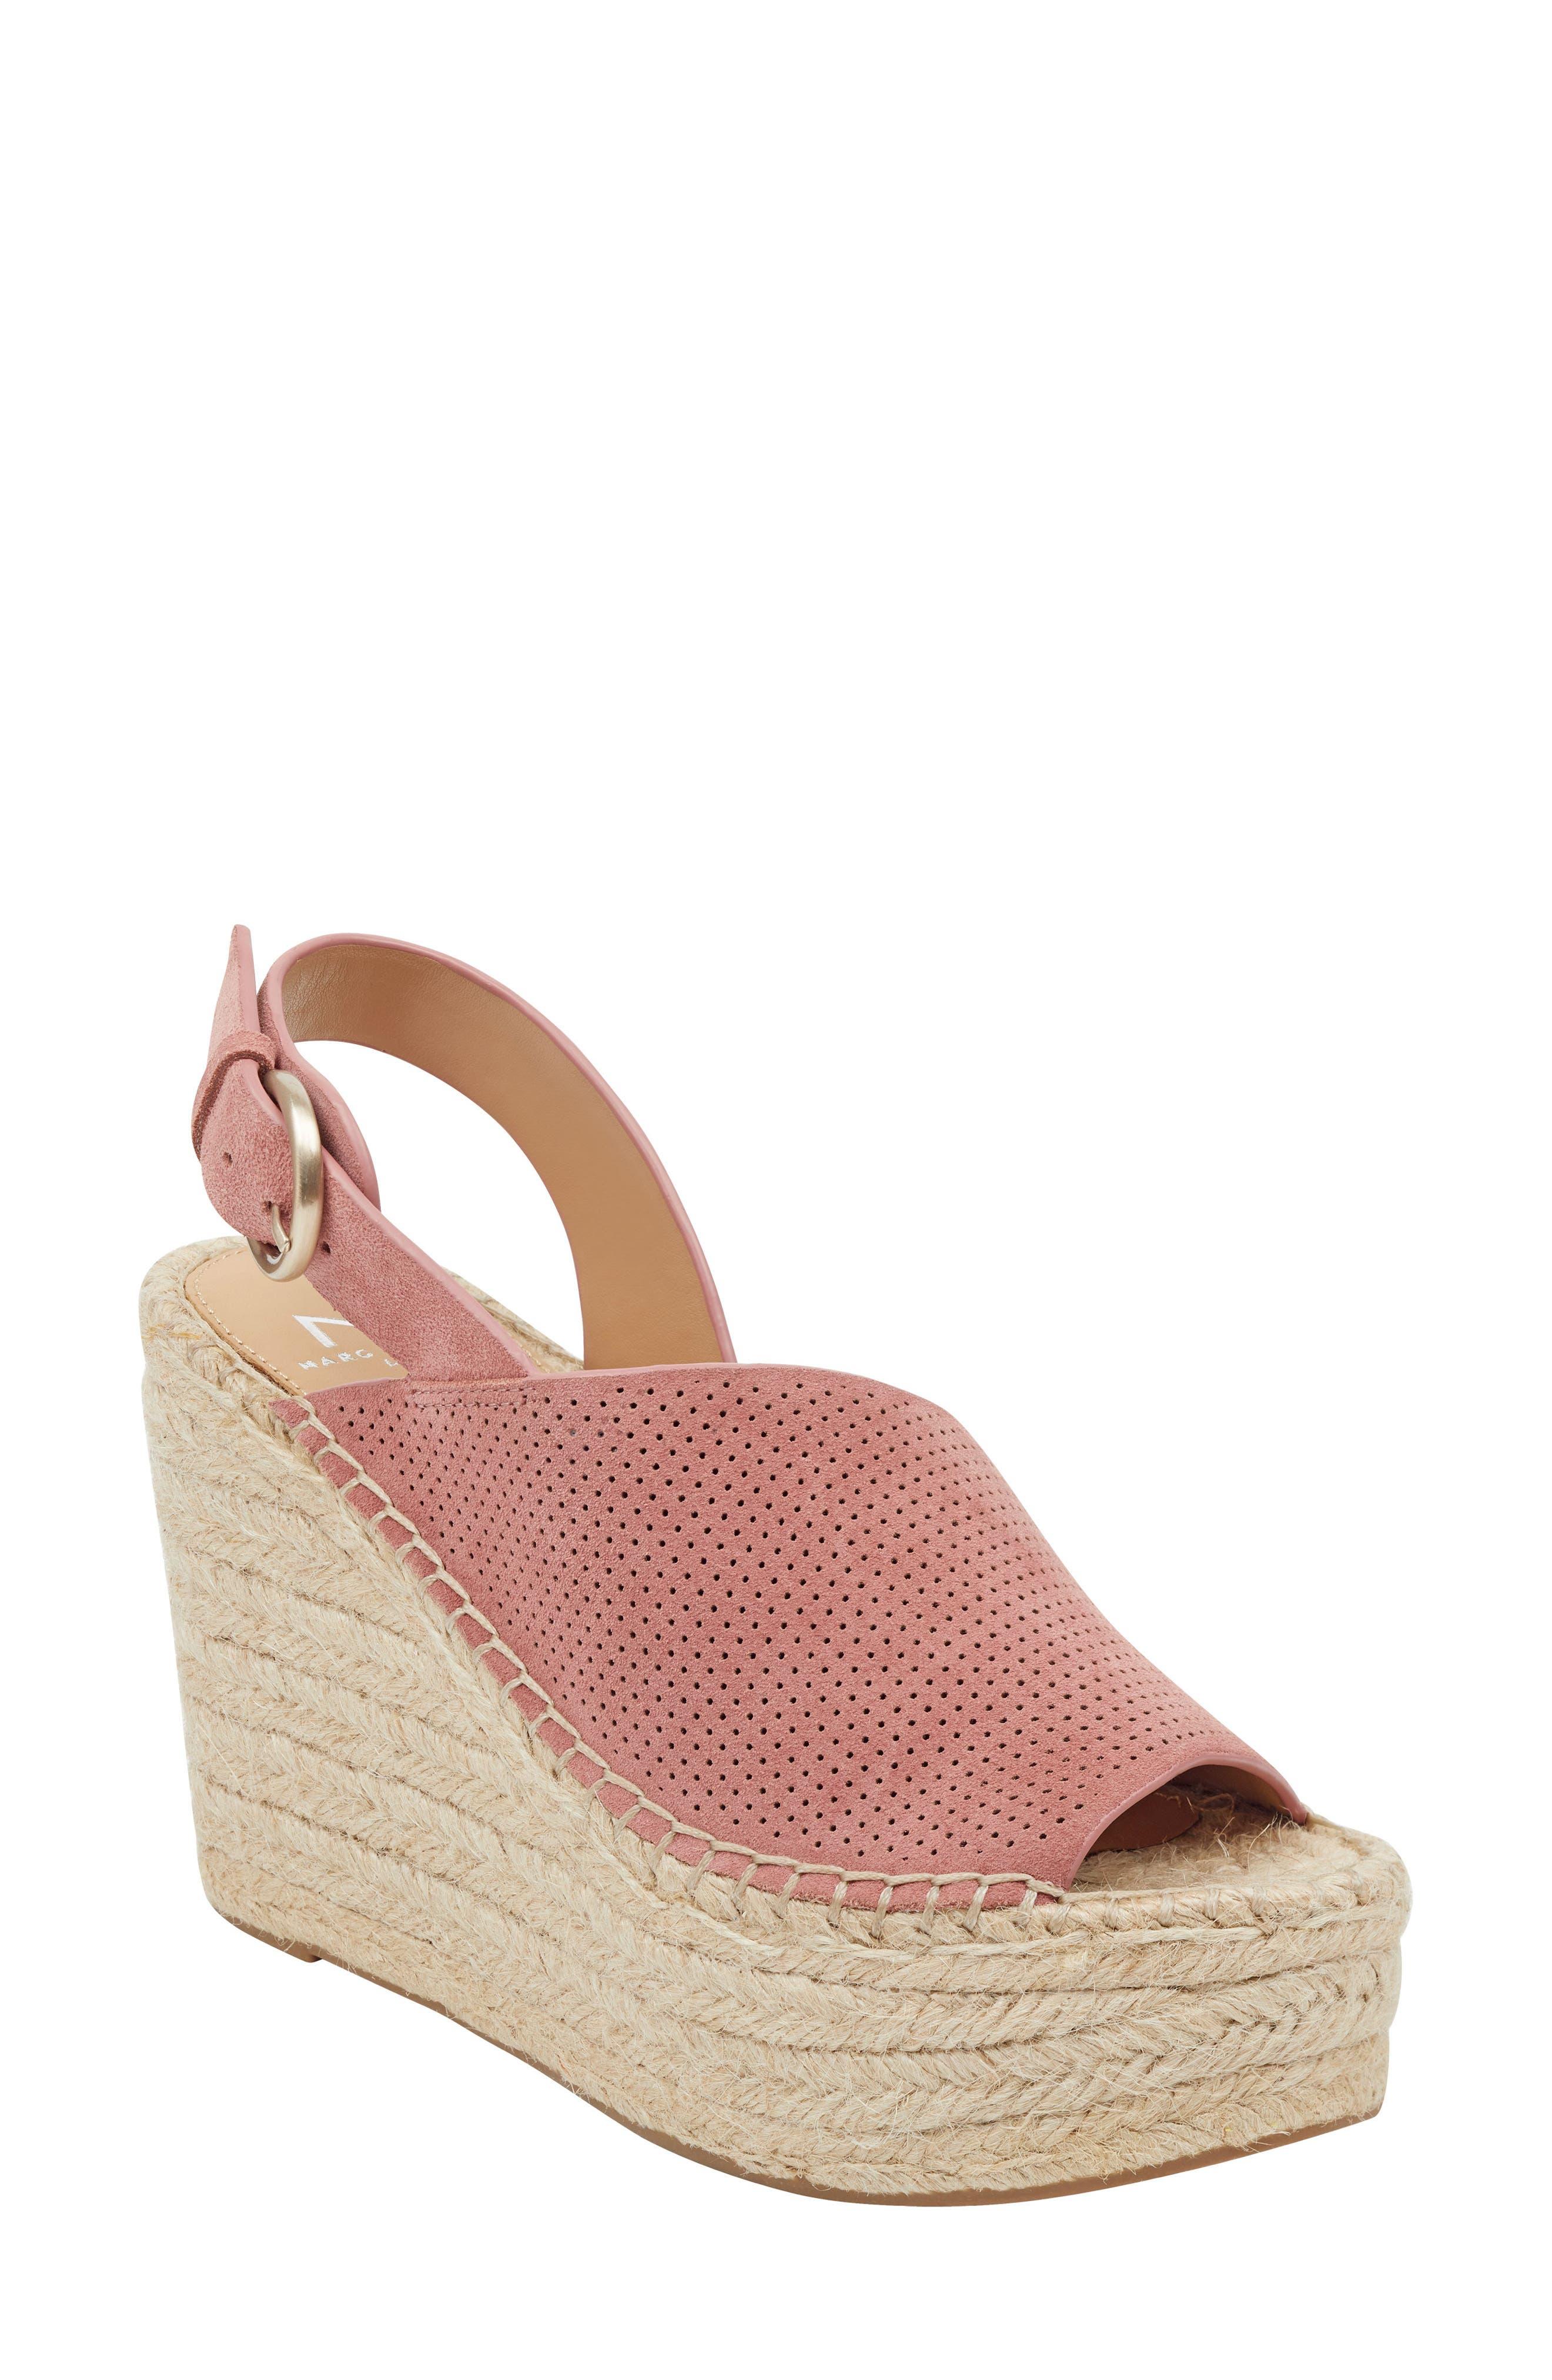 Marc Fisher Ltd Andela Slingback Espadrille Wedge, Pink